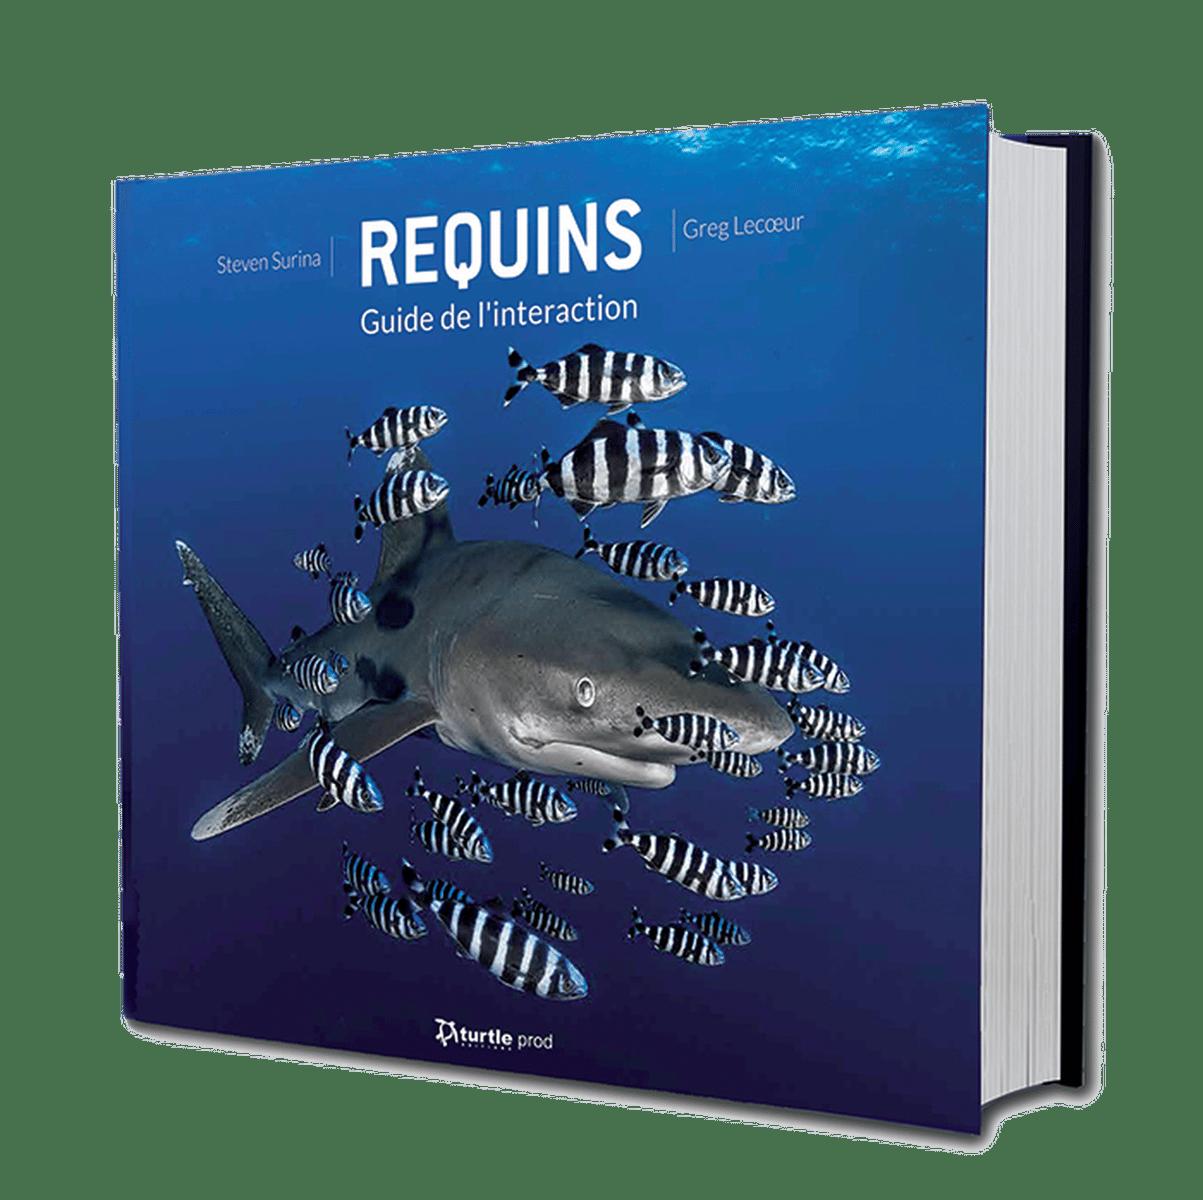 boutique livre requins surina